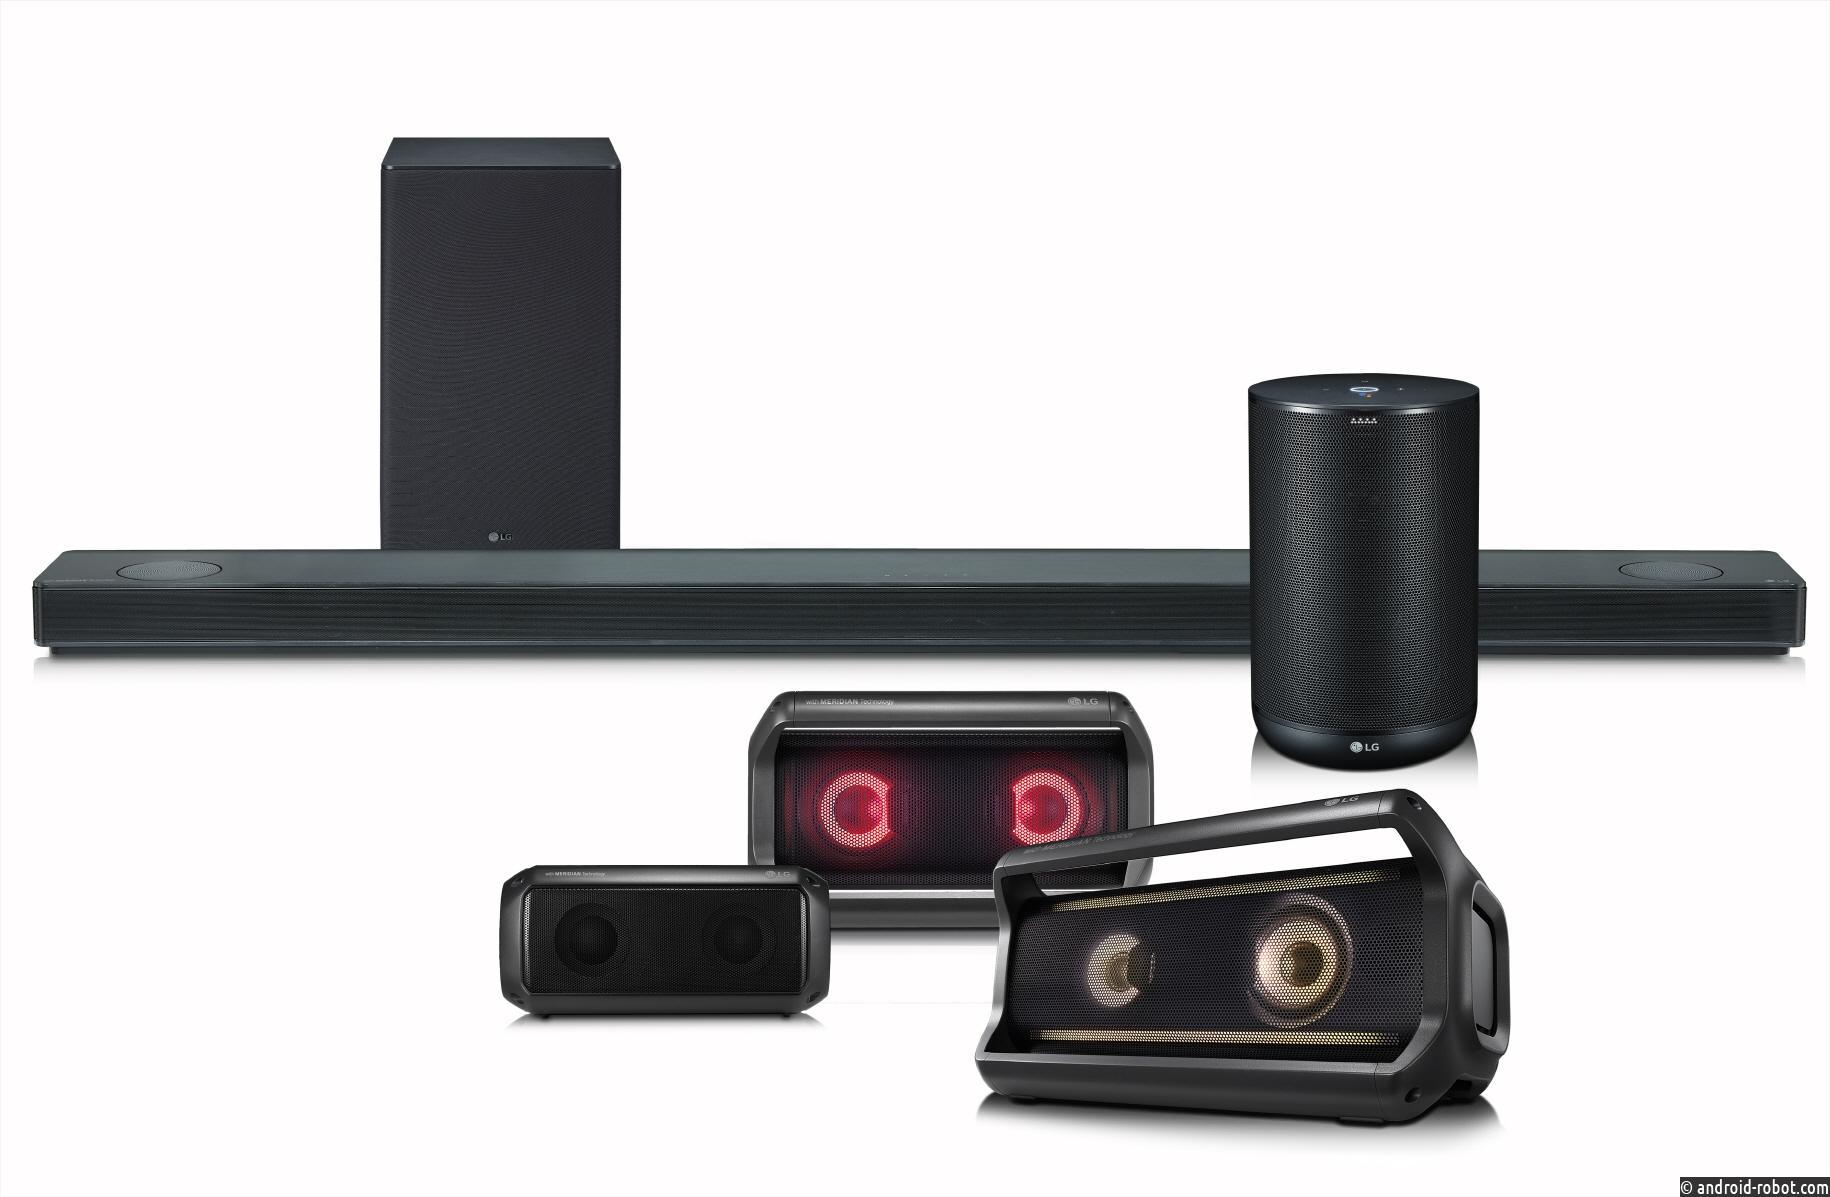 LG на выставке CES 2018 продемонстрирует более совершенные и «умные» премиальные аудиоустройства